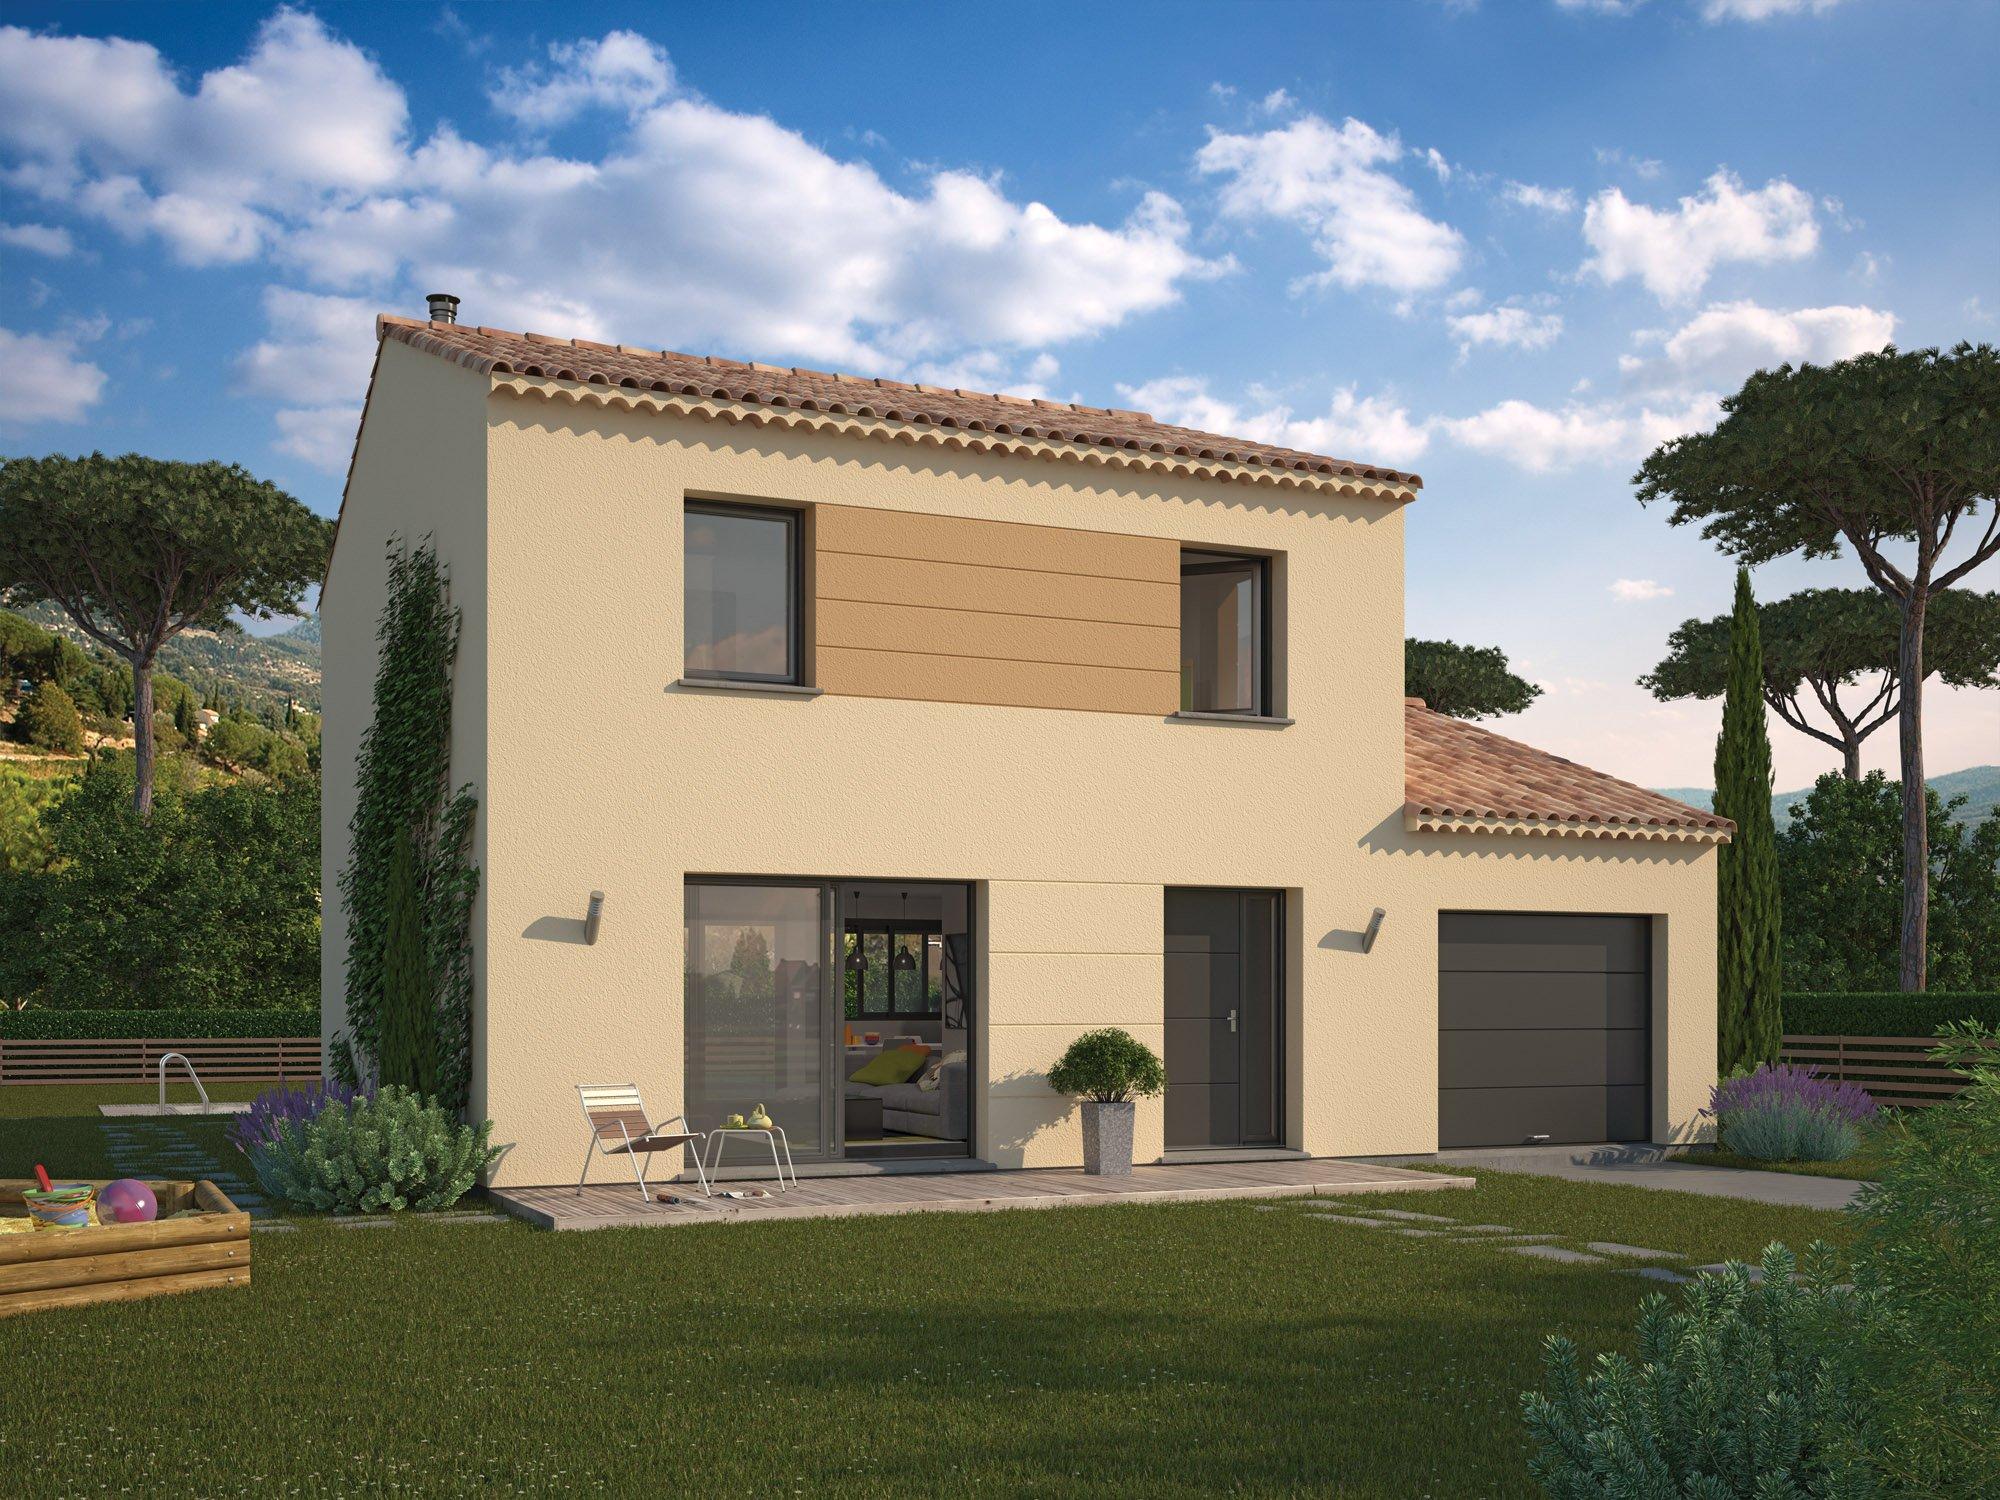 Maisons + Terrains du constructeur MAISON FAMILIALE • 90 m² • TARADEAU